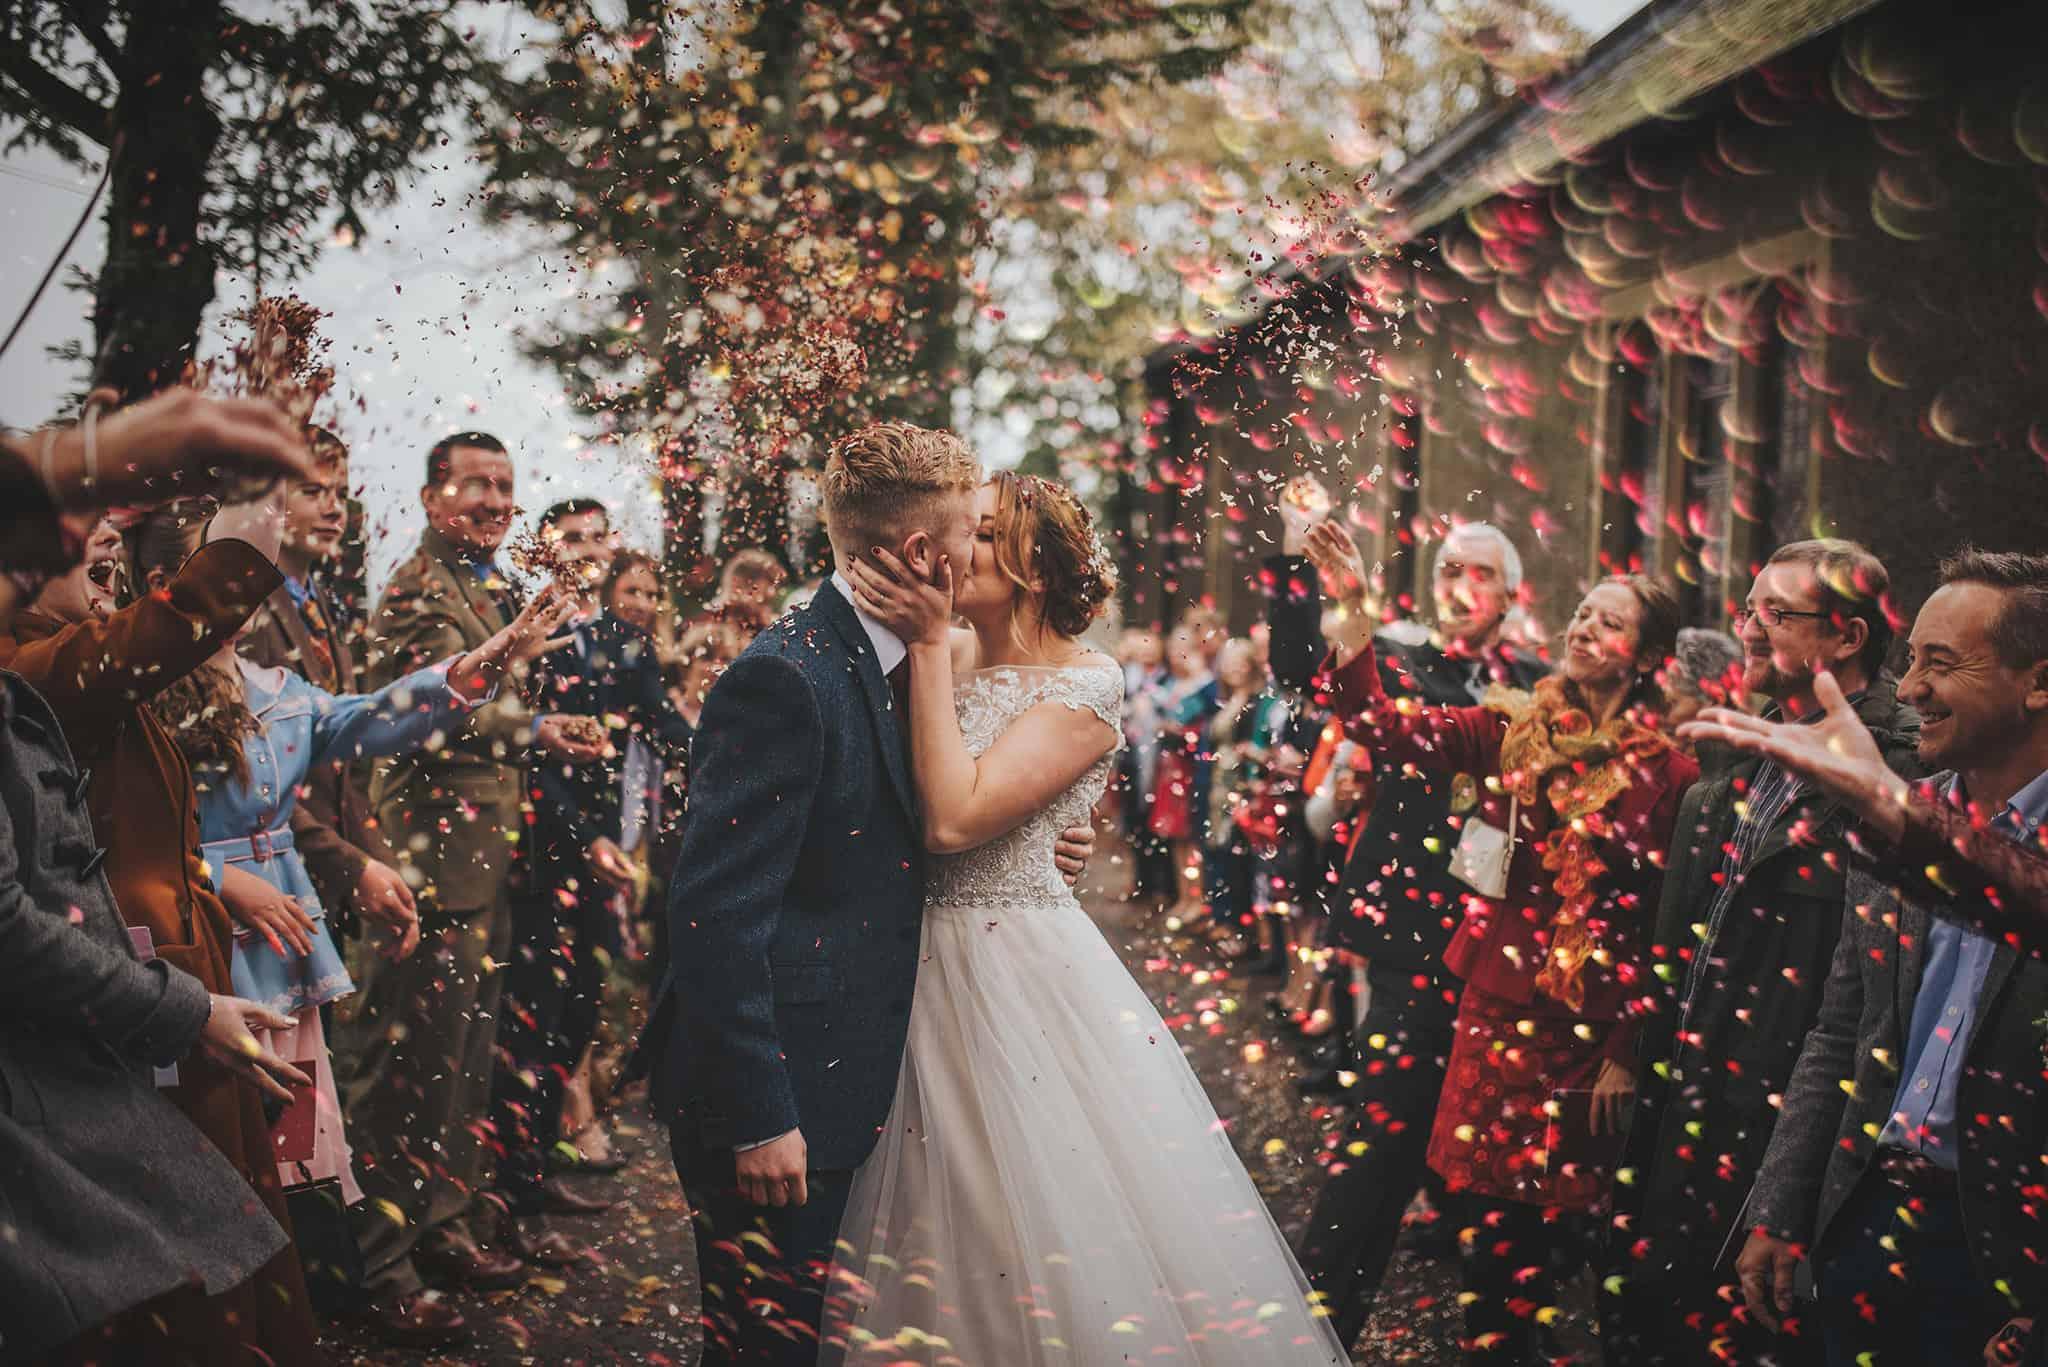 Wedding Ceremony Pictures